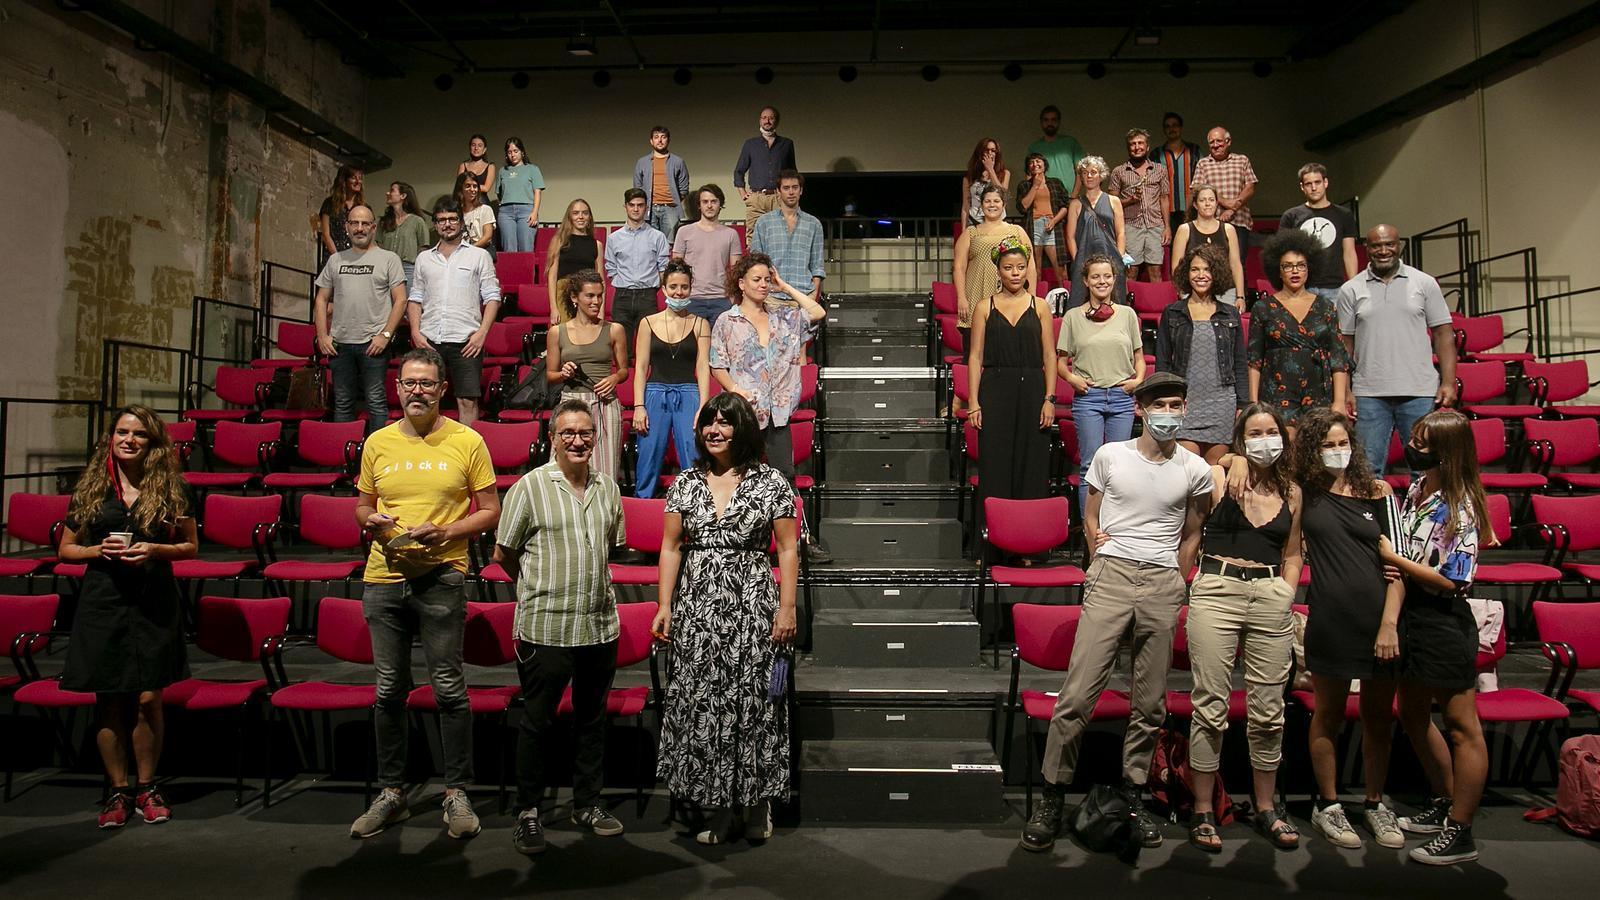 Foto de família durant la presentació de les activitats, espectacles i temes que abordarà la Sala Beckett la temporada 2020-21